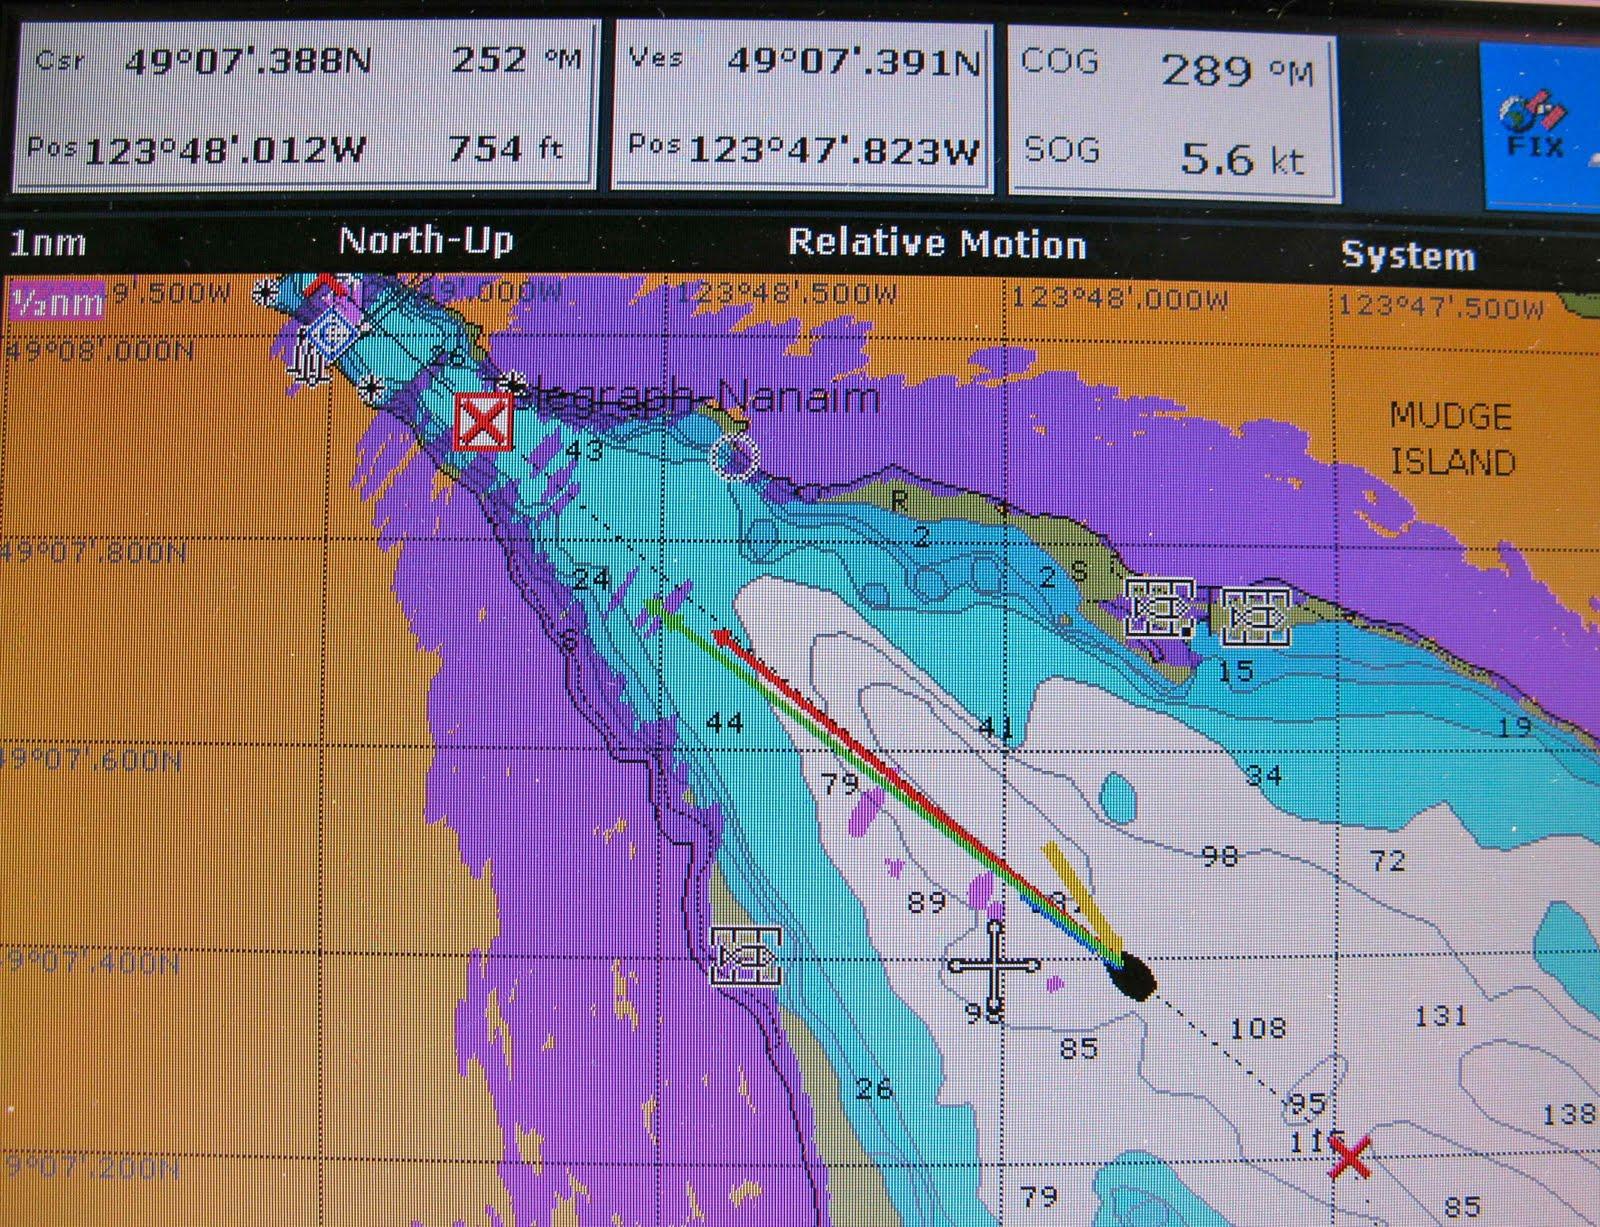 Cupcake my Catalina 28 MkII sailboat: Transited Dodd Narrows - Ta ta ta Da!